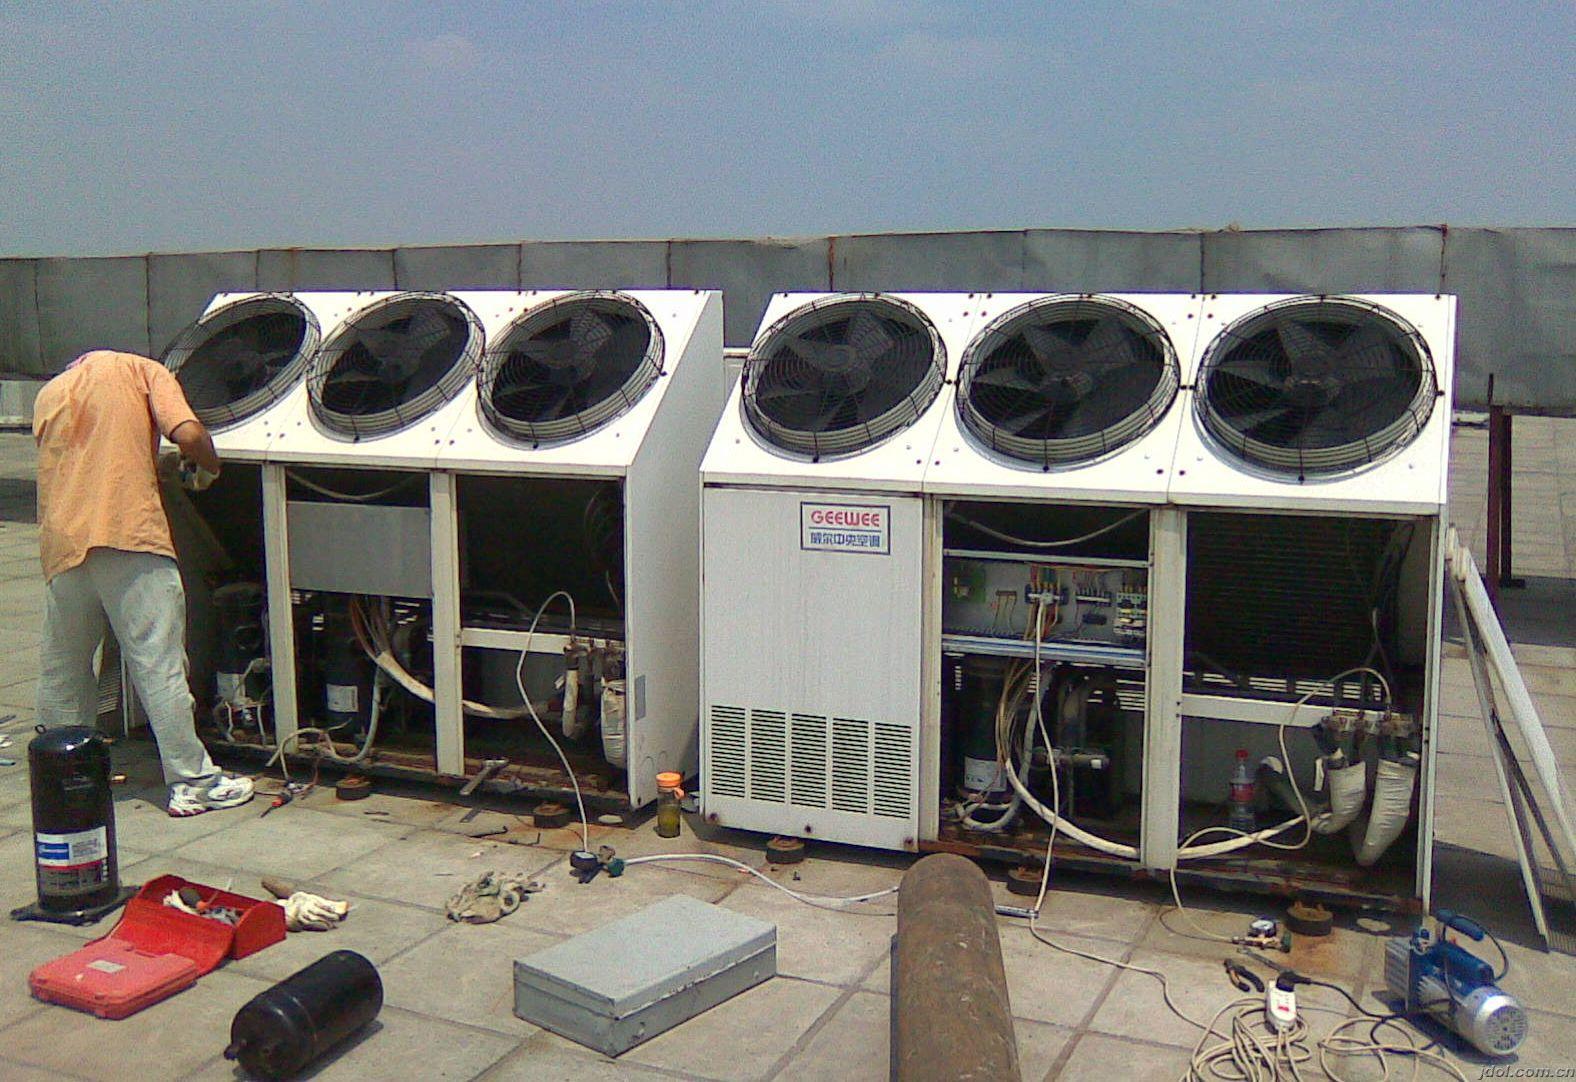 成都週辺のセントラルエアコンエアコン修理に加え、フッ素臭化リチウム専門移机洗浄インストール